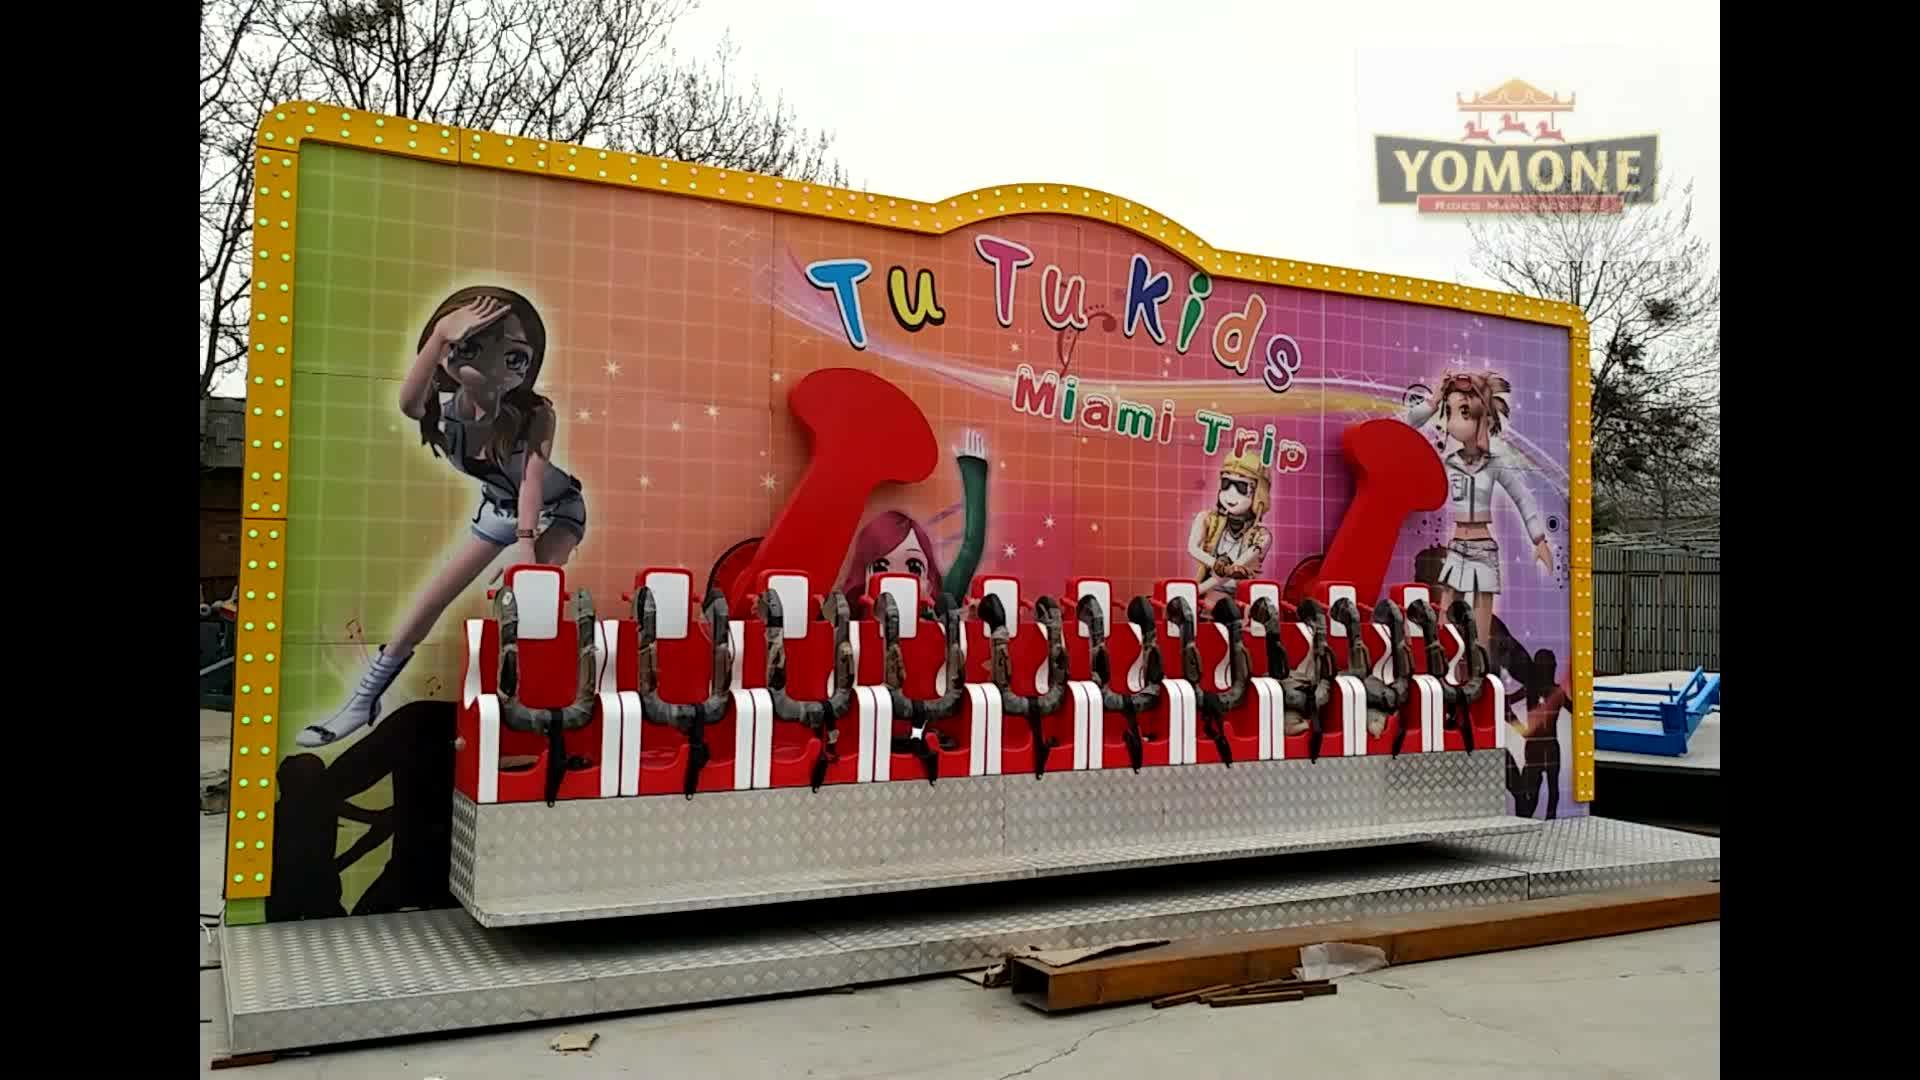 Yomone usine enfants manèges manèges mini miami vagues Folles nouveau parc d'attractions manèges à vendre